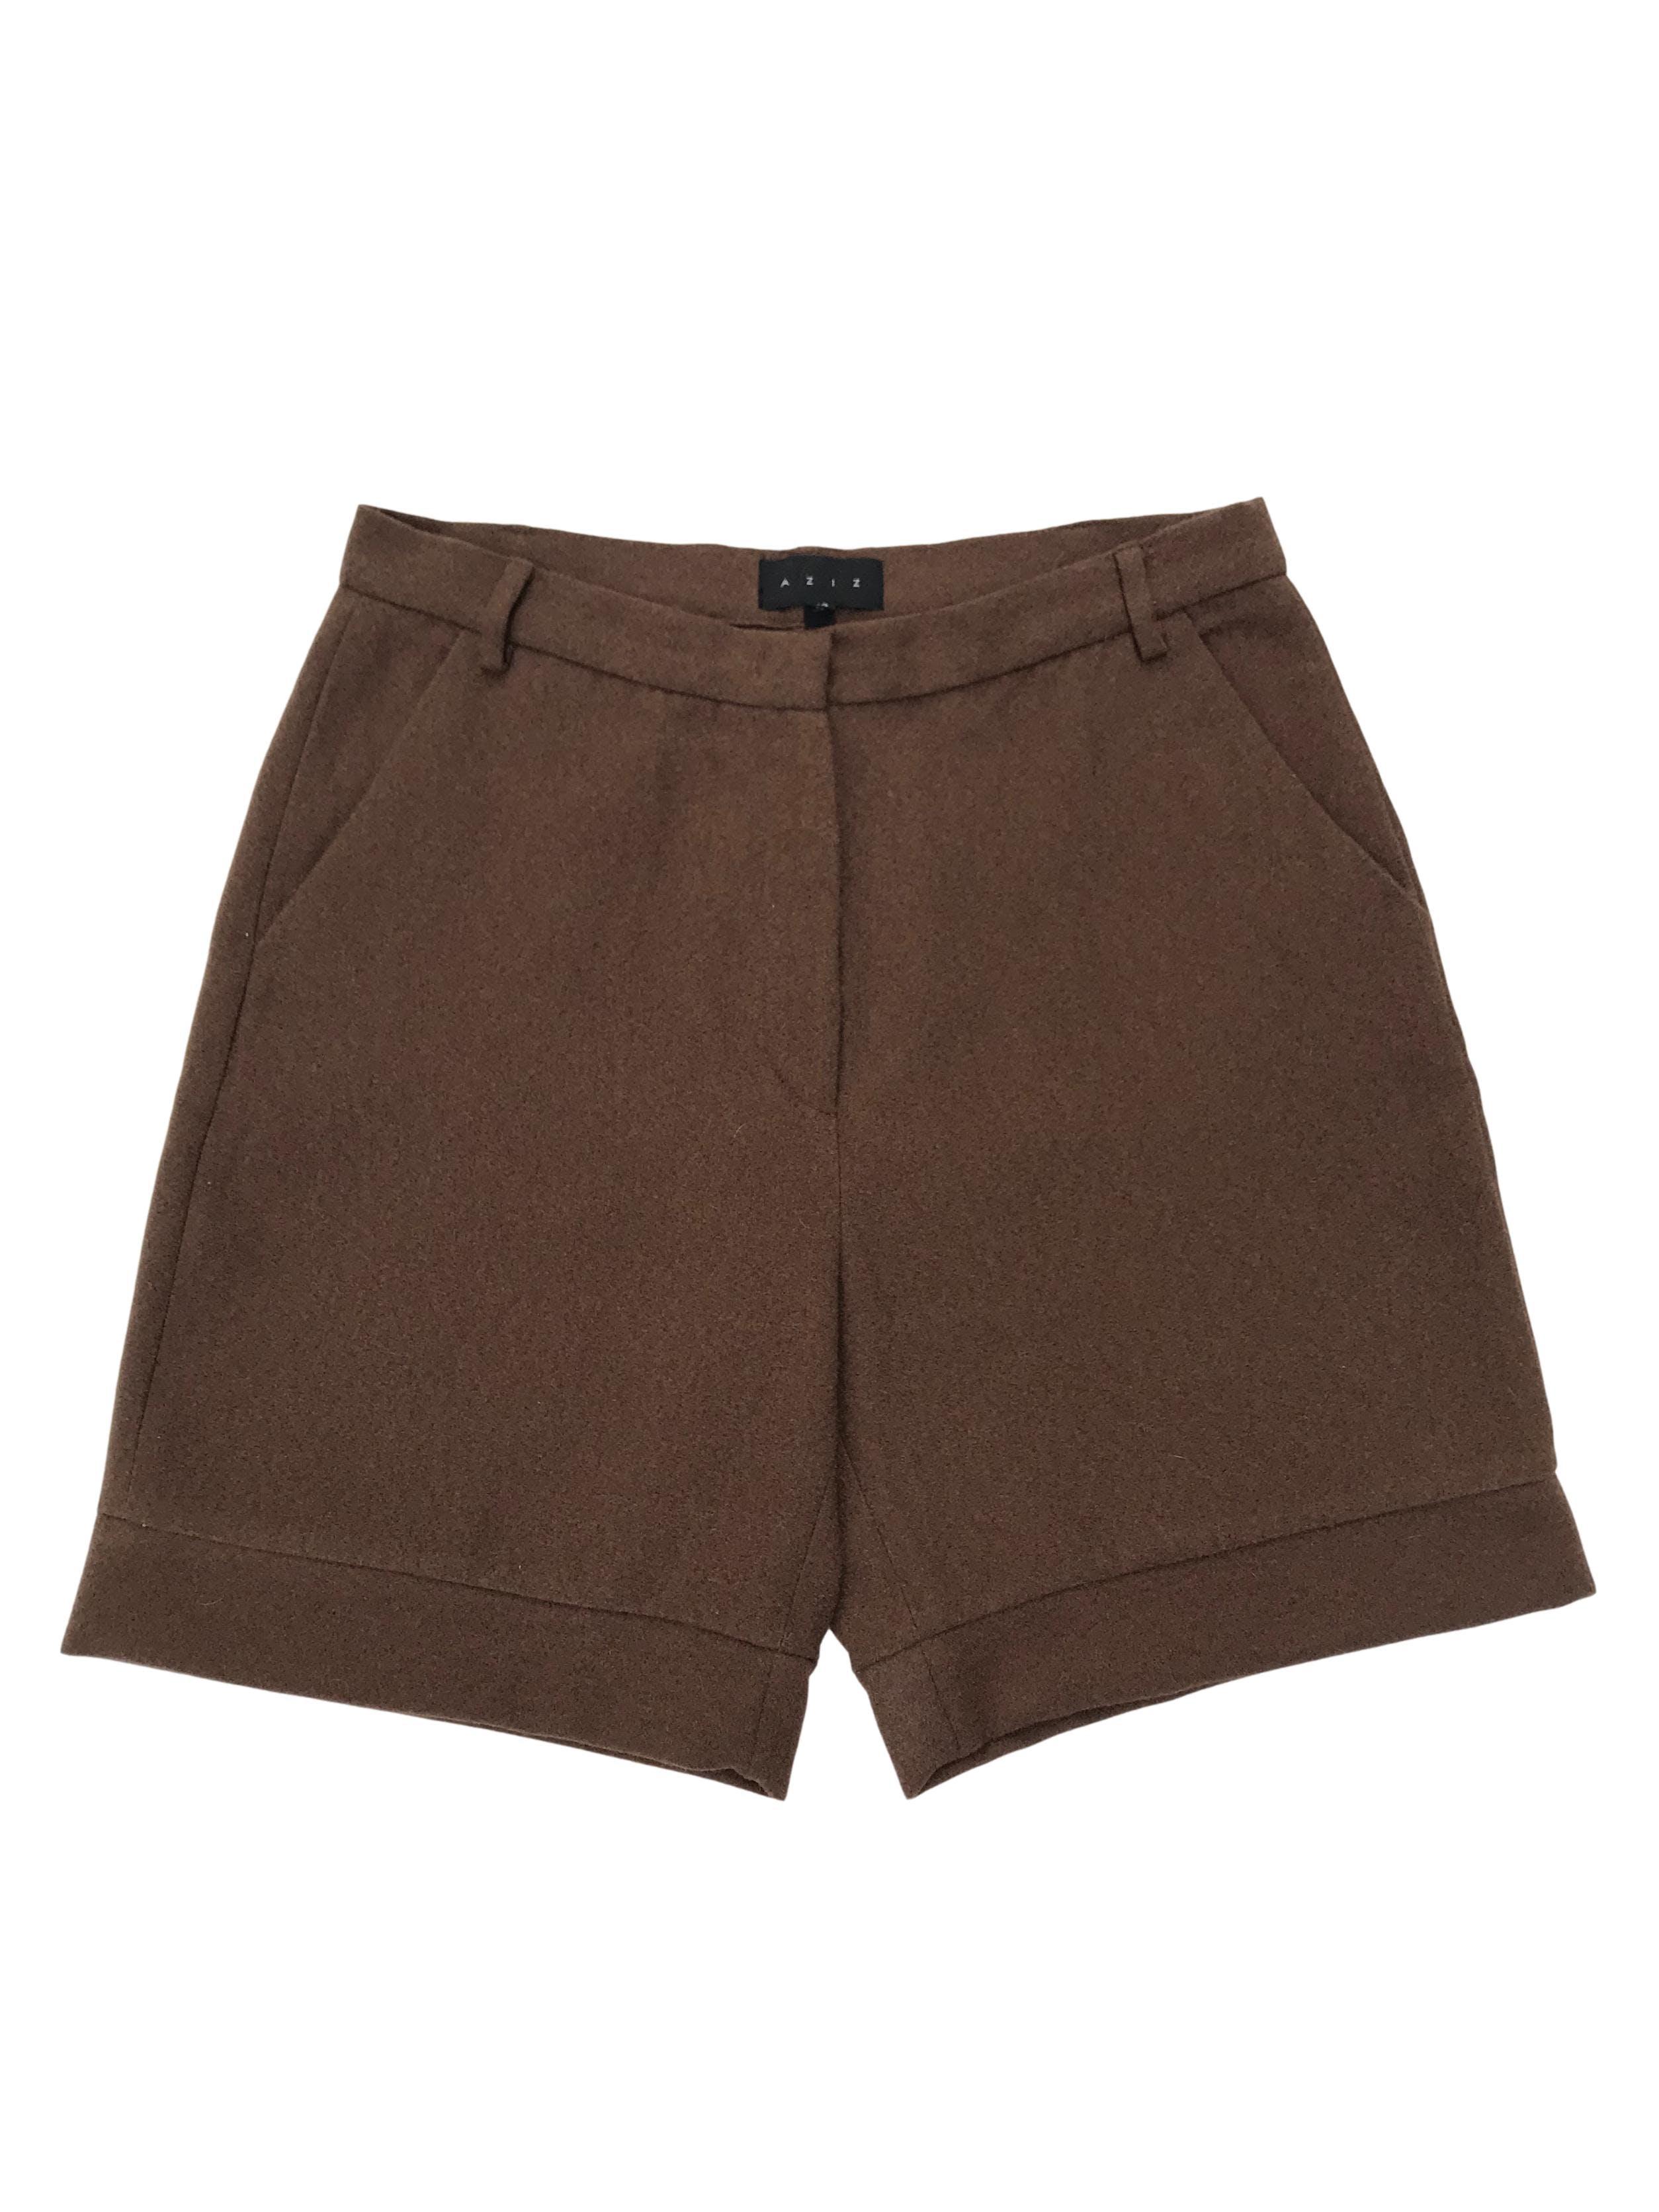 Short a la cintura de tela tipo paño marrón, con bolsillos laterales. Cintura 72cm Largo 43cm